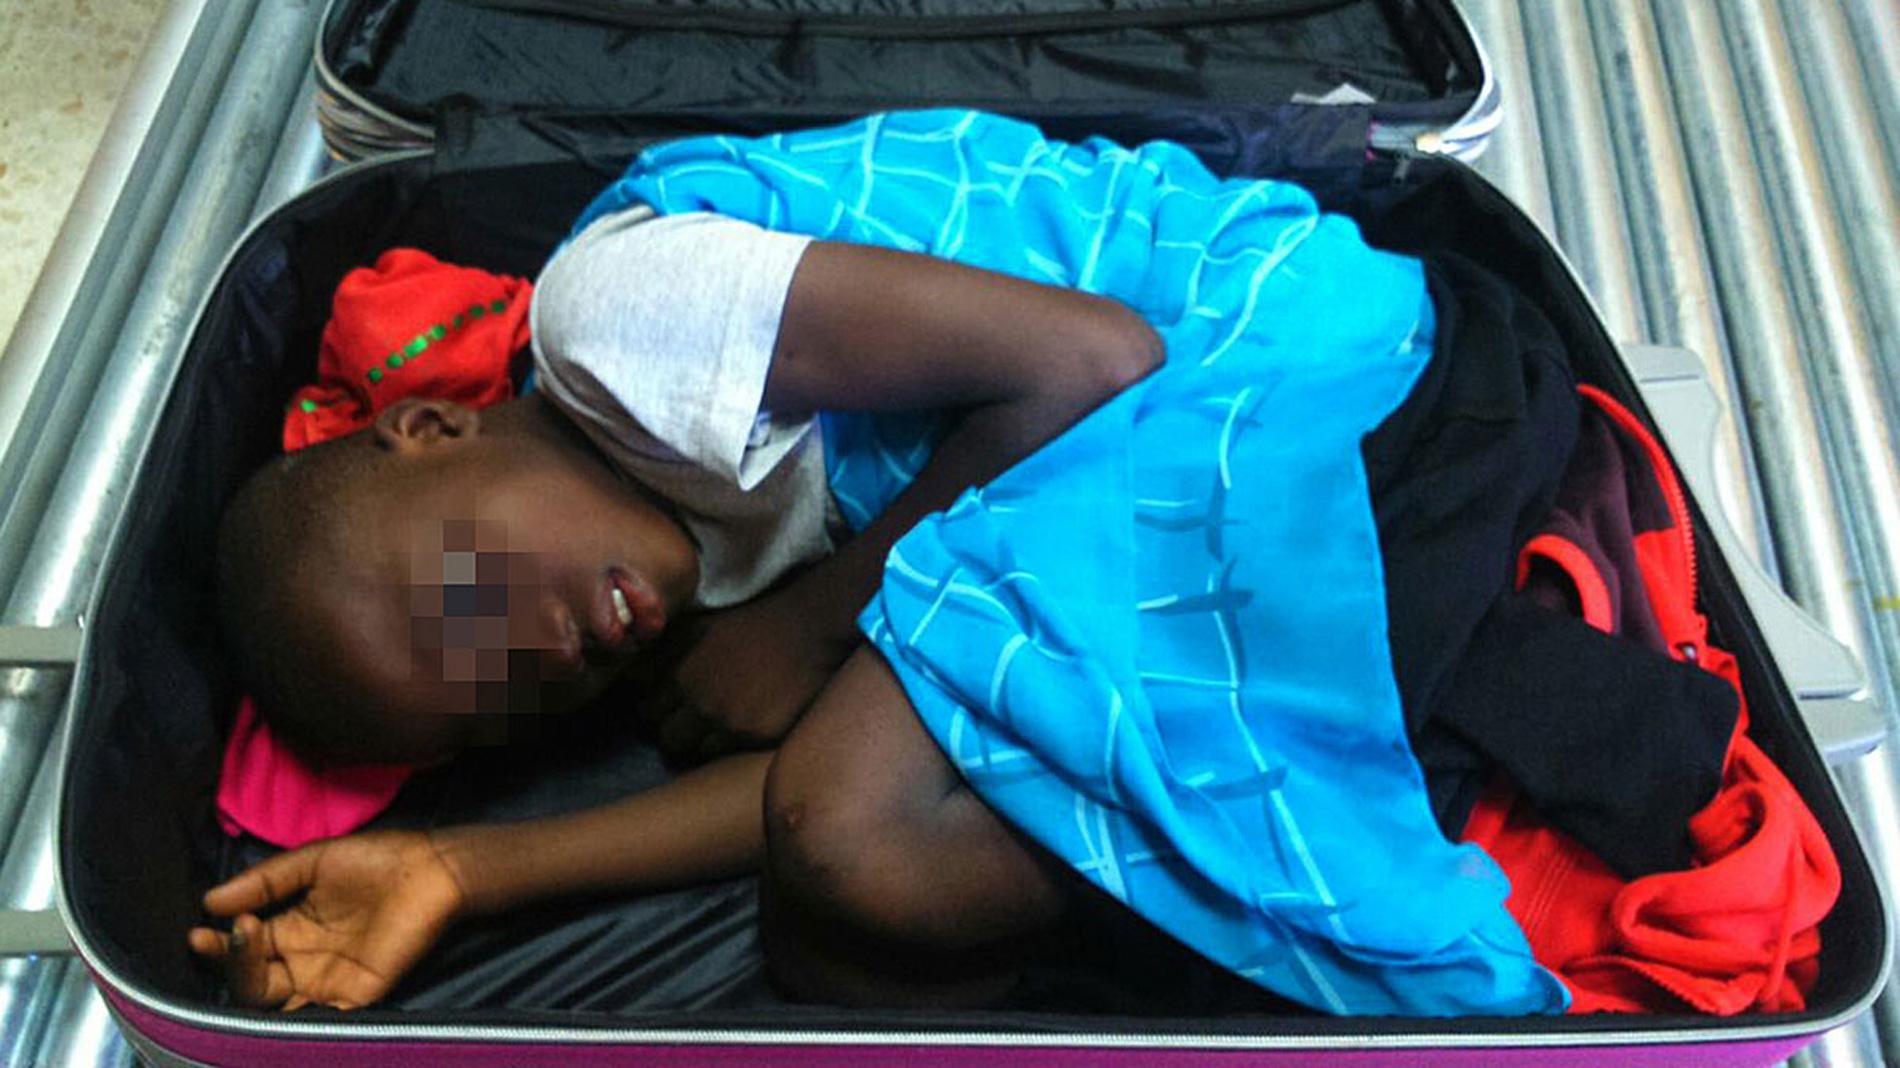 Adou asegura que fue una mujer marroquí quien lo introdujo en una maleta en la frontera entre Ceuta y Marruecos